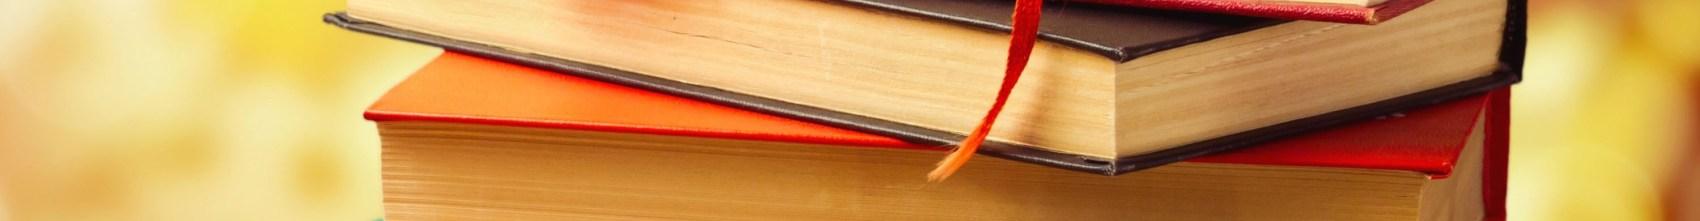 Книги, которые расскажут, с чего начать строить своё дело